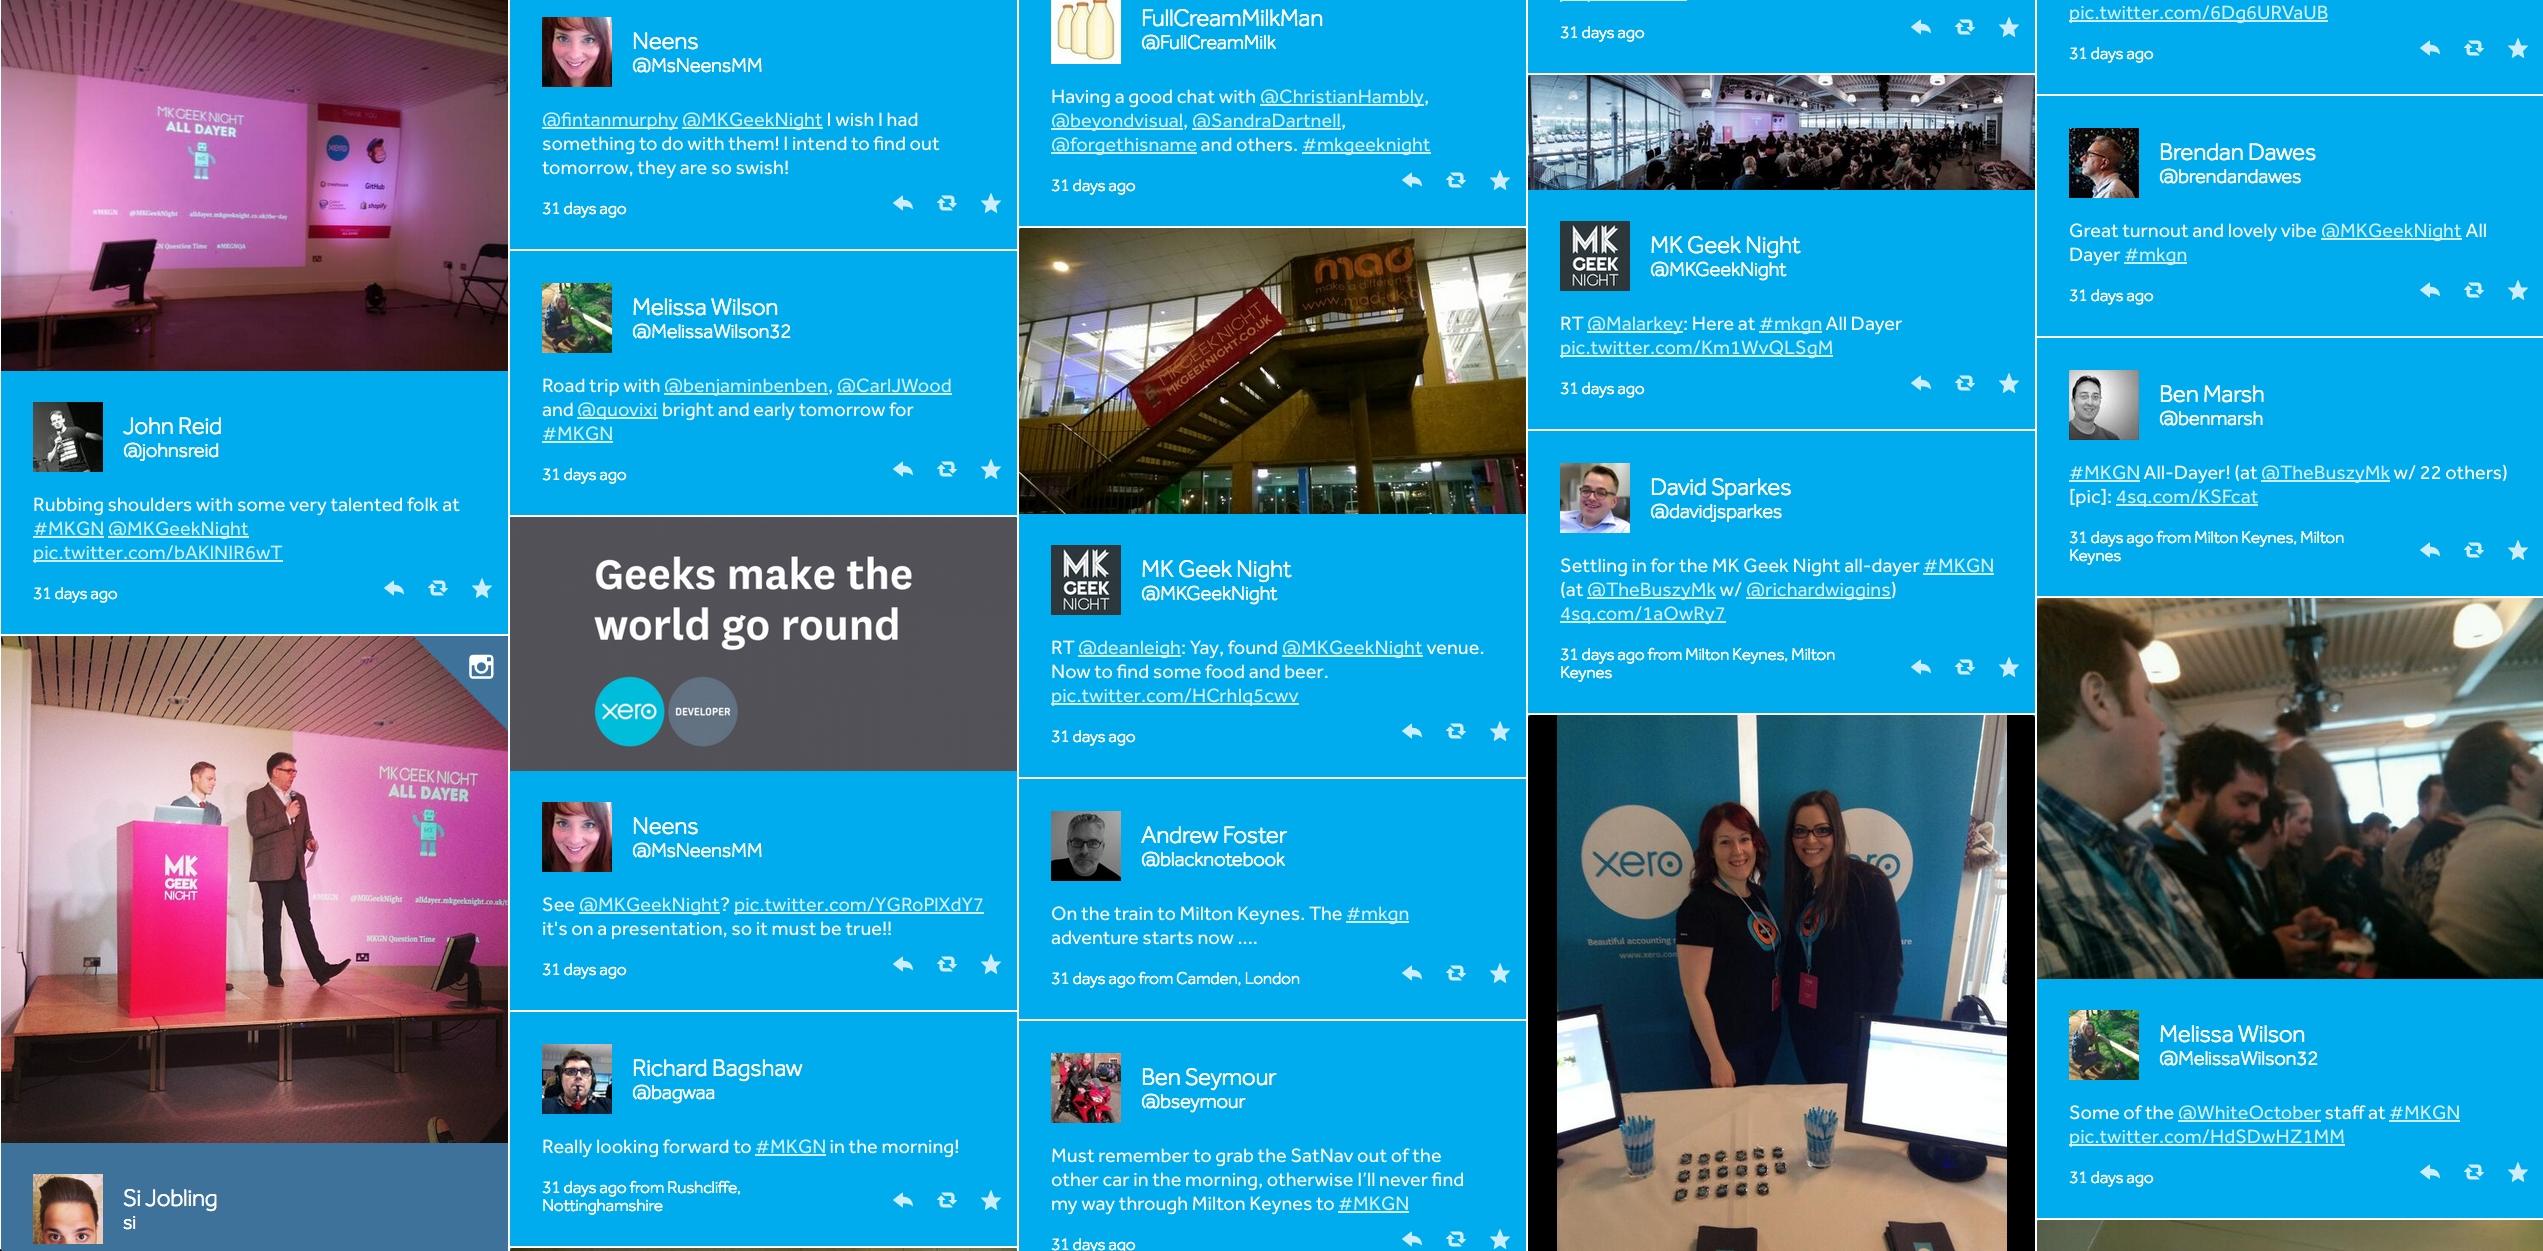 Dribbble - Social-Grid-Fullstuart Kennedy for Grid Of 31 Days Image